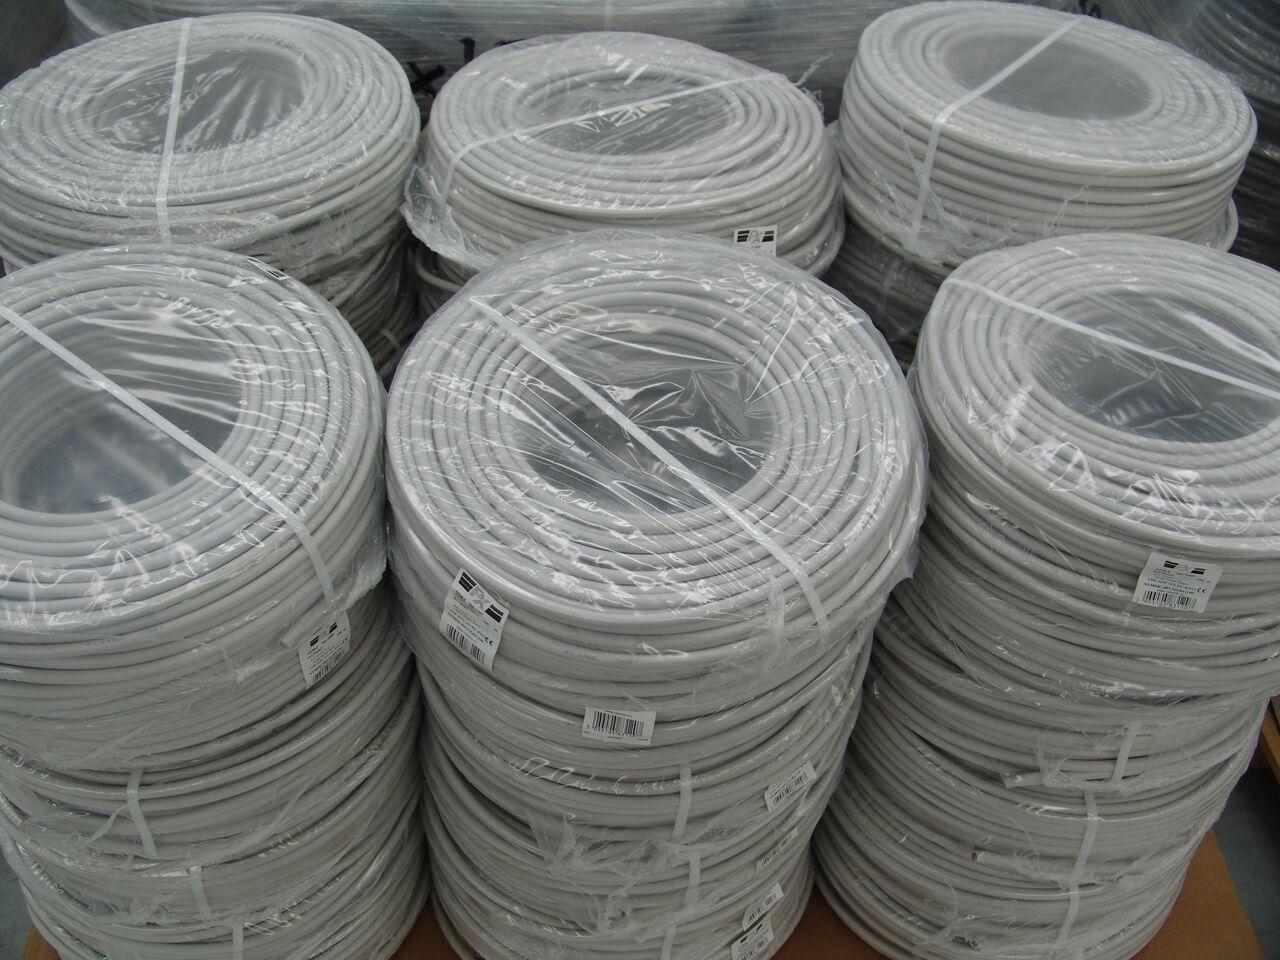 Kabel NYM-J 5x6 mm² - 20 M Stromkabel Stromkabel Stromkabel Mantelleitung Feuchtraum VDE - NYM J   Am praktischsten  9b75b5